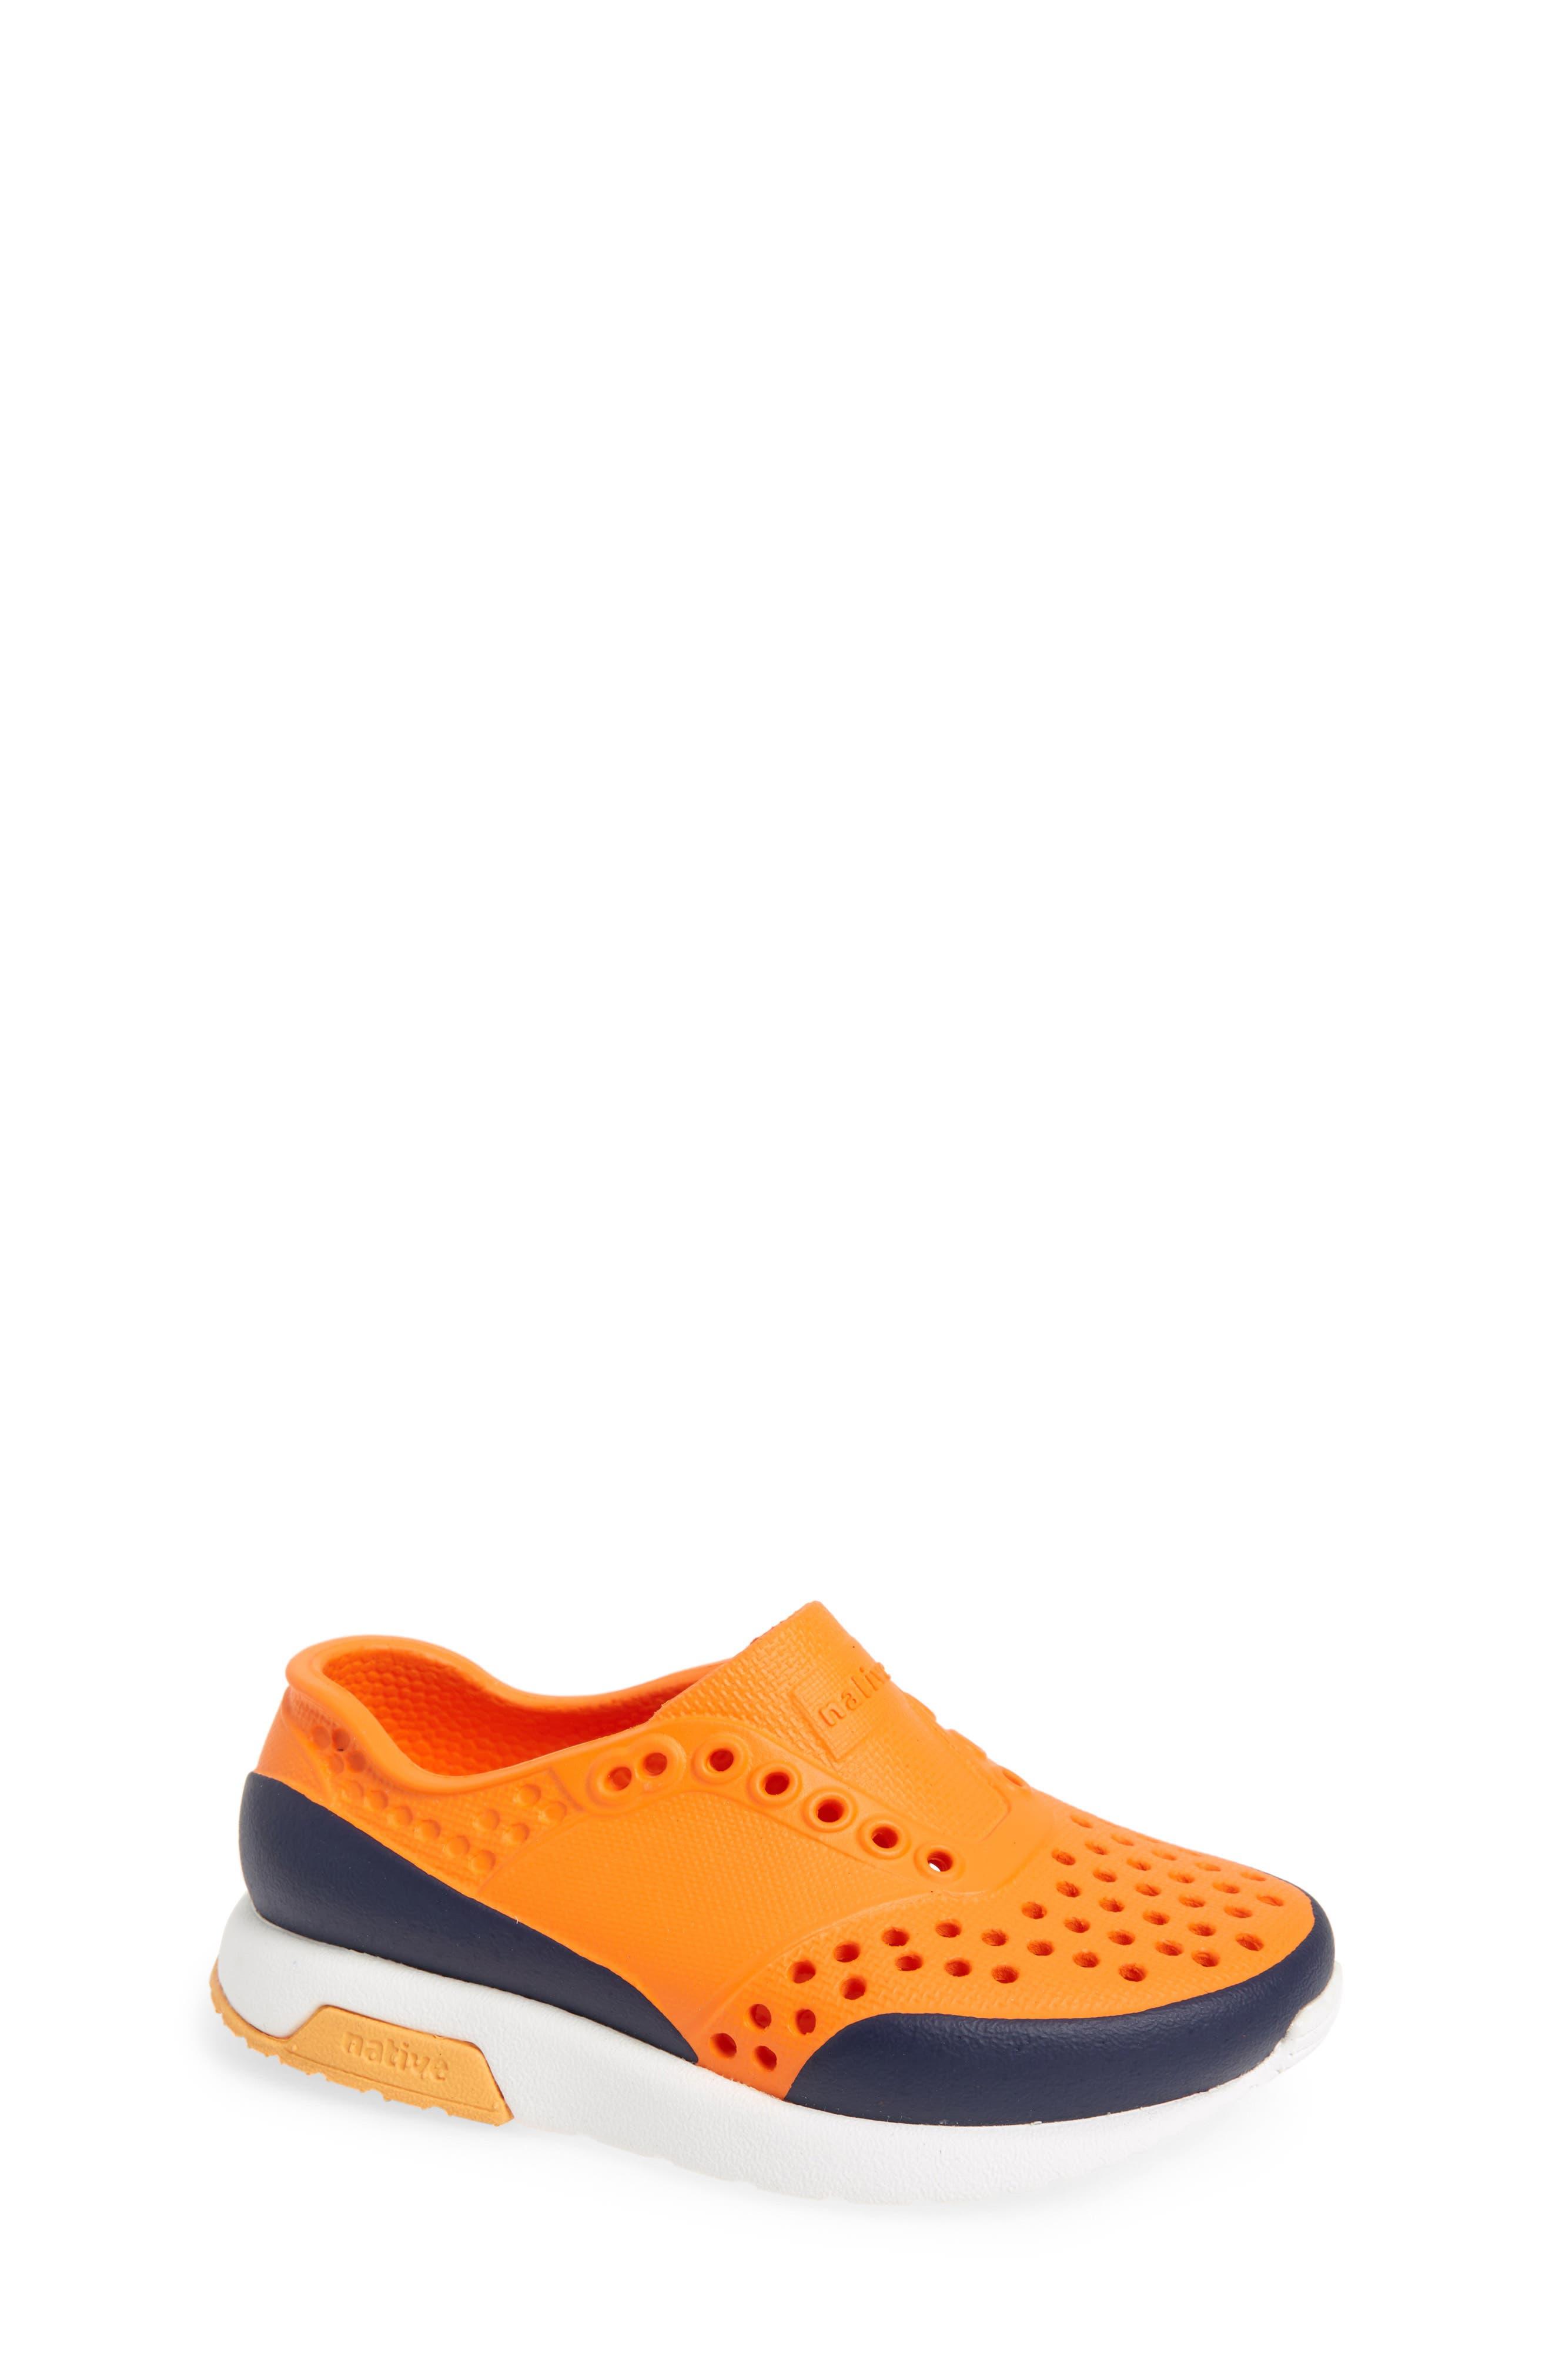 Lennox Block Slip-On Sneaker,                             Main thumbnail 1, color,                             Sunset Orange/ White/ Blue